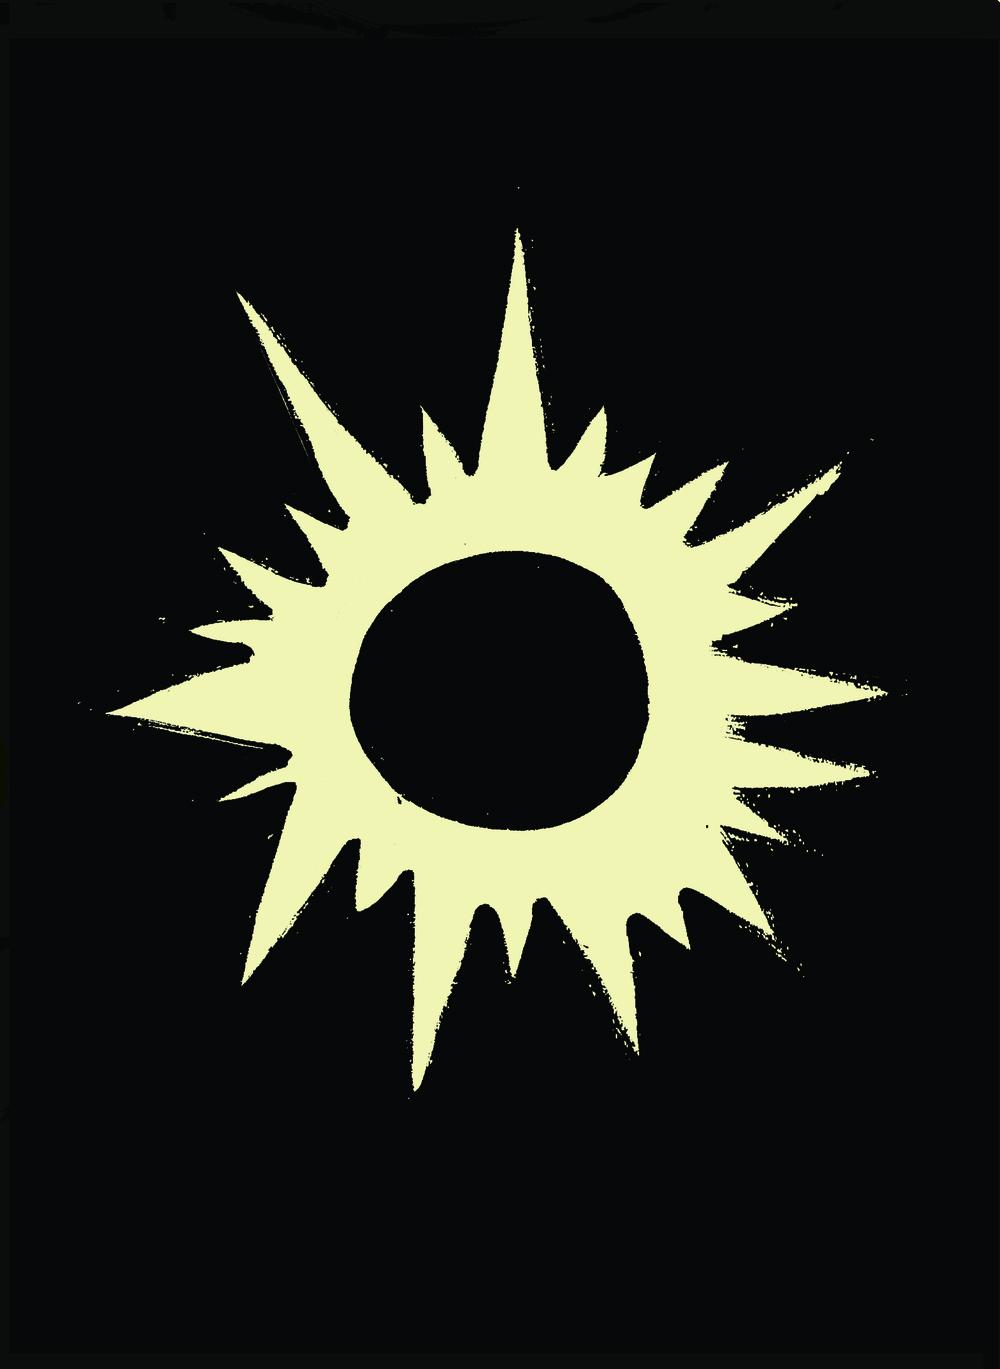 Literatura ilumina ou obscure — depende do ângulo